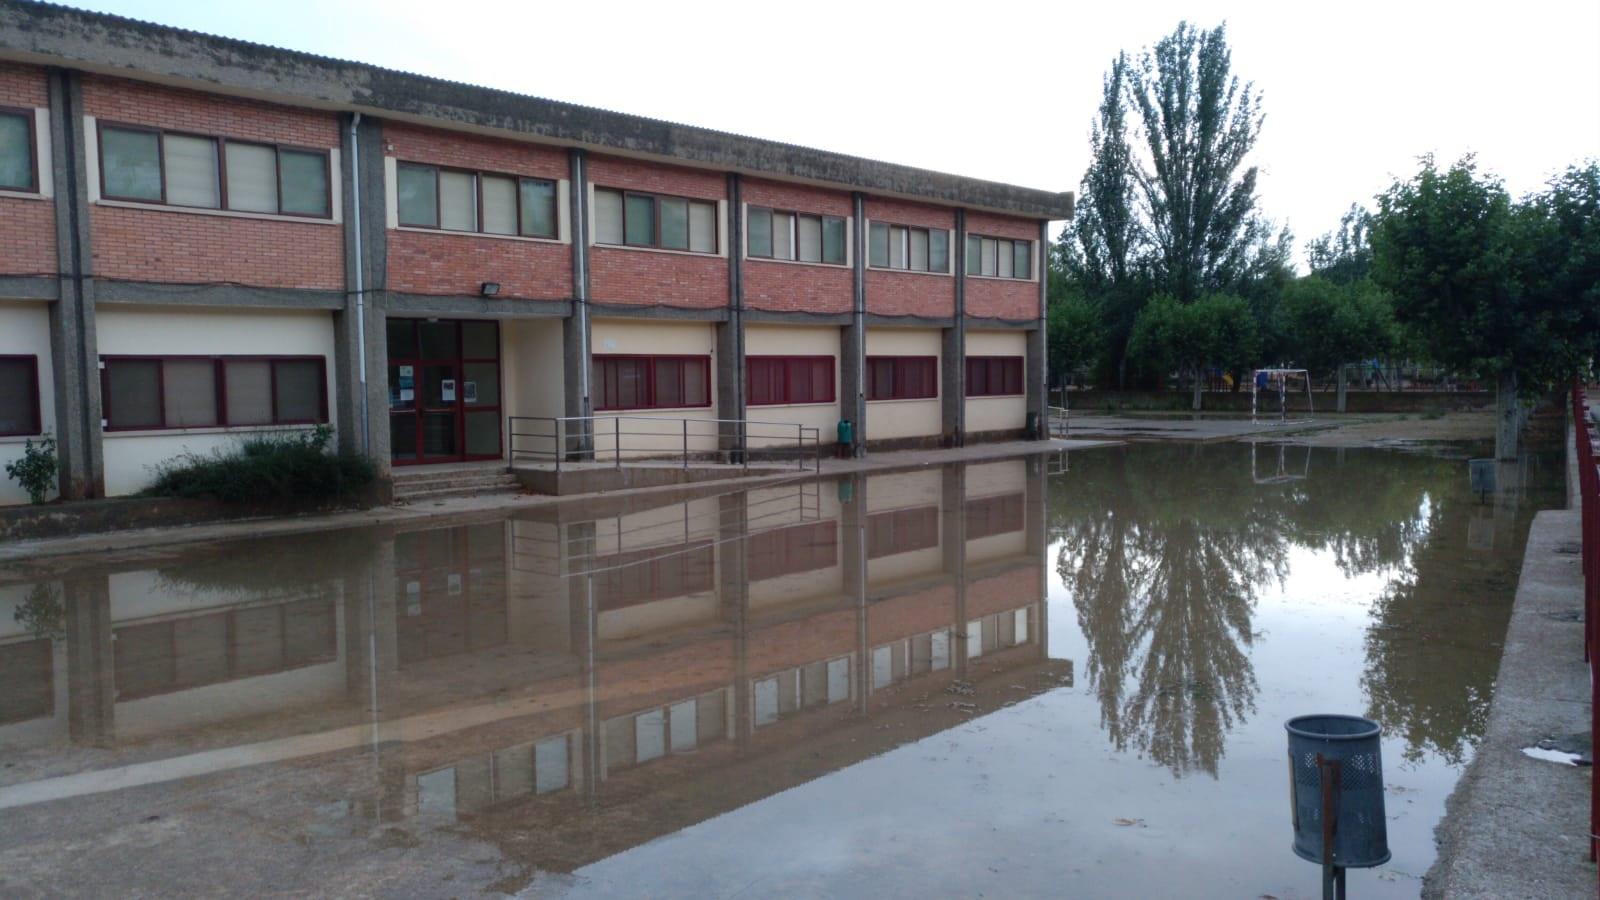 El patio del colegio de Albalate ha quedado totalmente inundado de agua. Foto: A. Martín